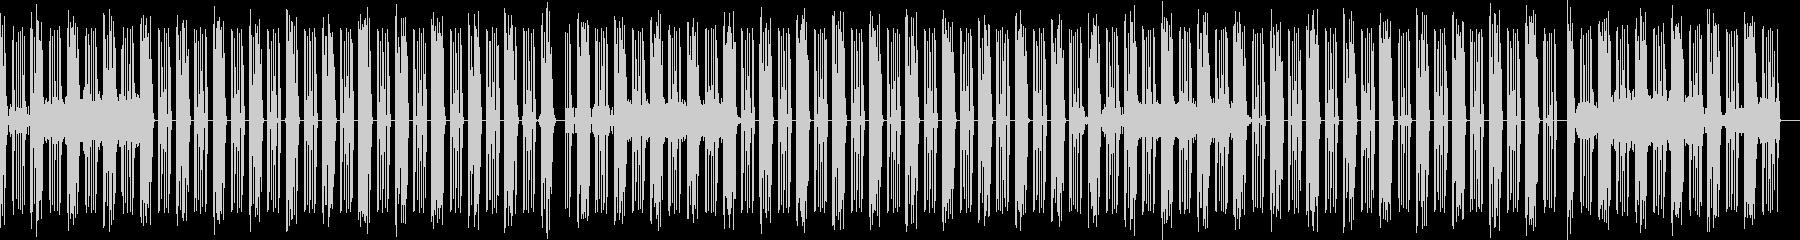 トラップ ヒップホップ 神経質 ス...の未再生の波形